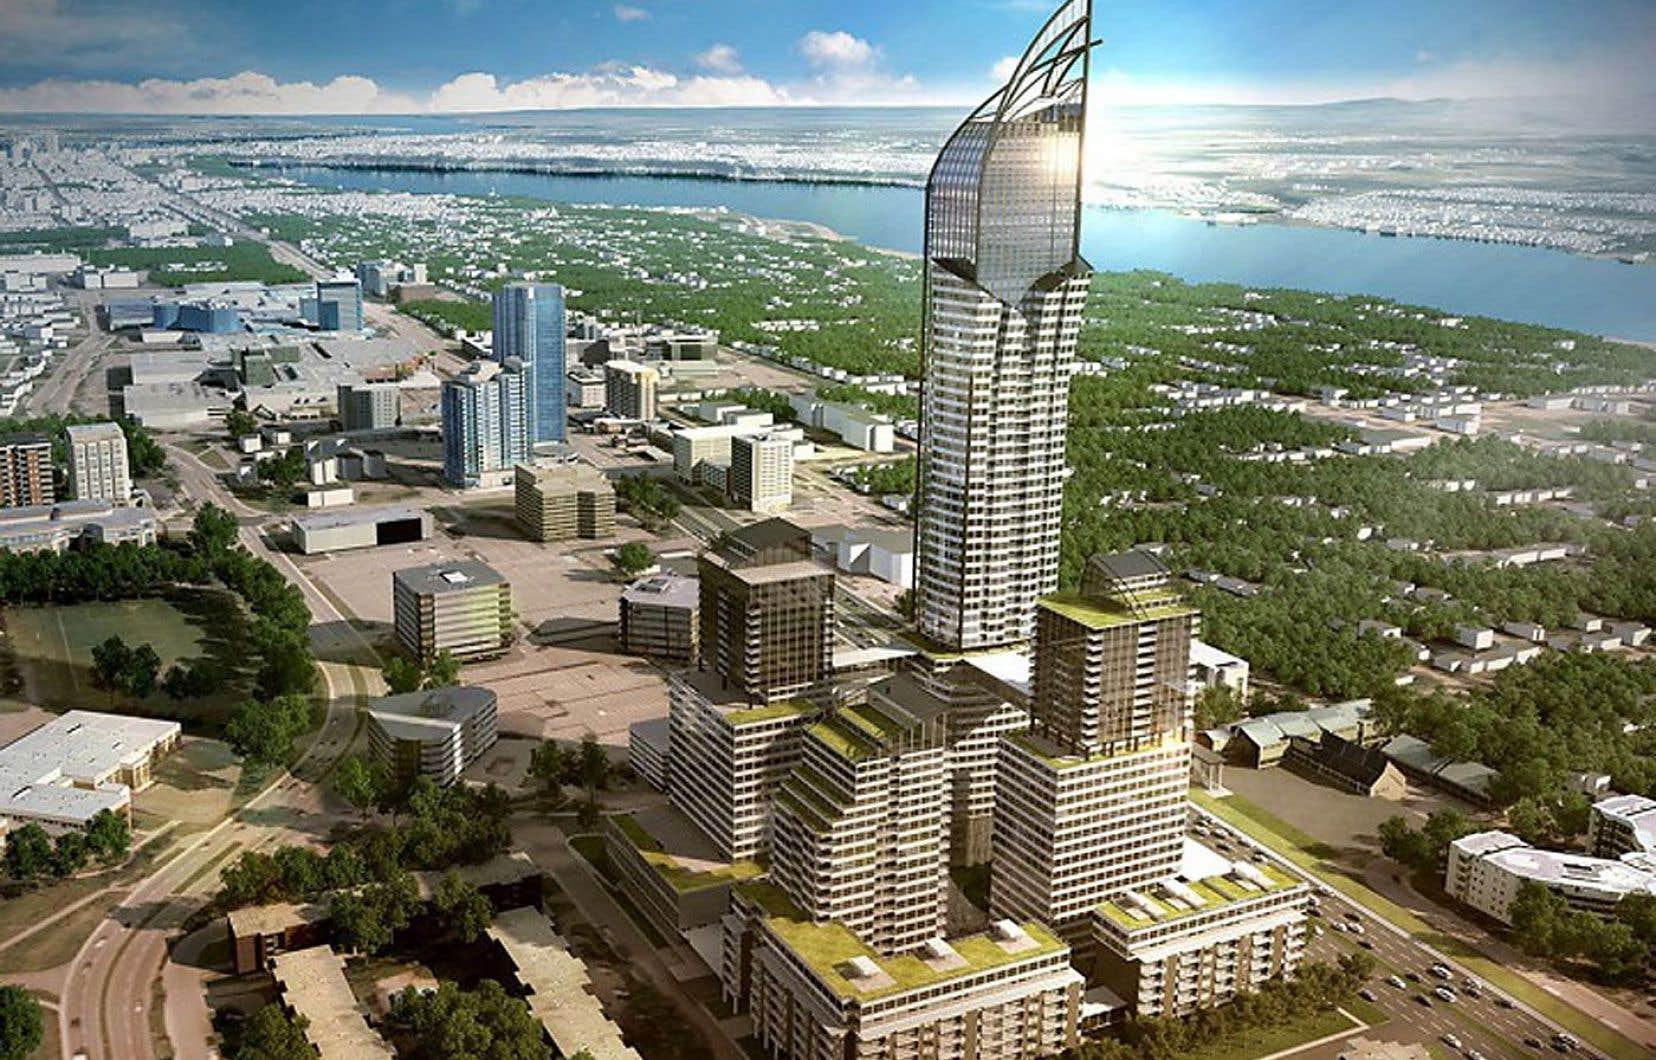 Le Phare aurait une hauteur de 65 étages, alors que le plan particulier d'urbanisme du secteur, datant de 2012, limite plutôt celle-ci à 29 étages.